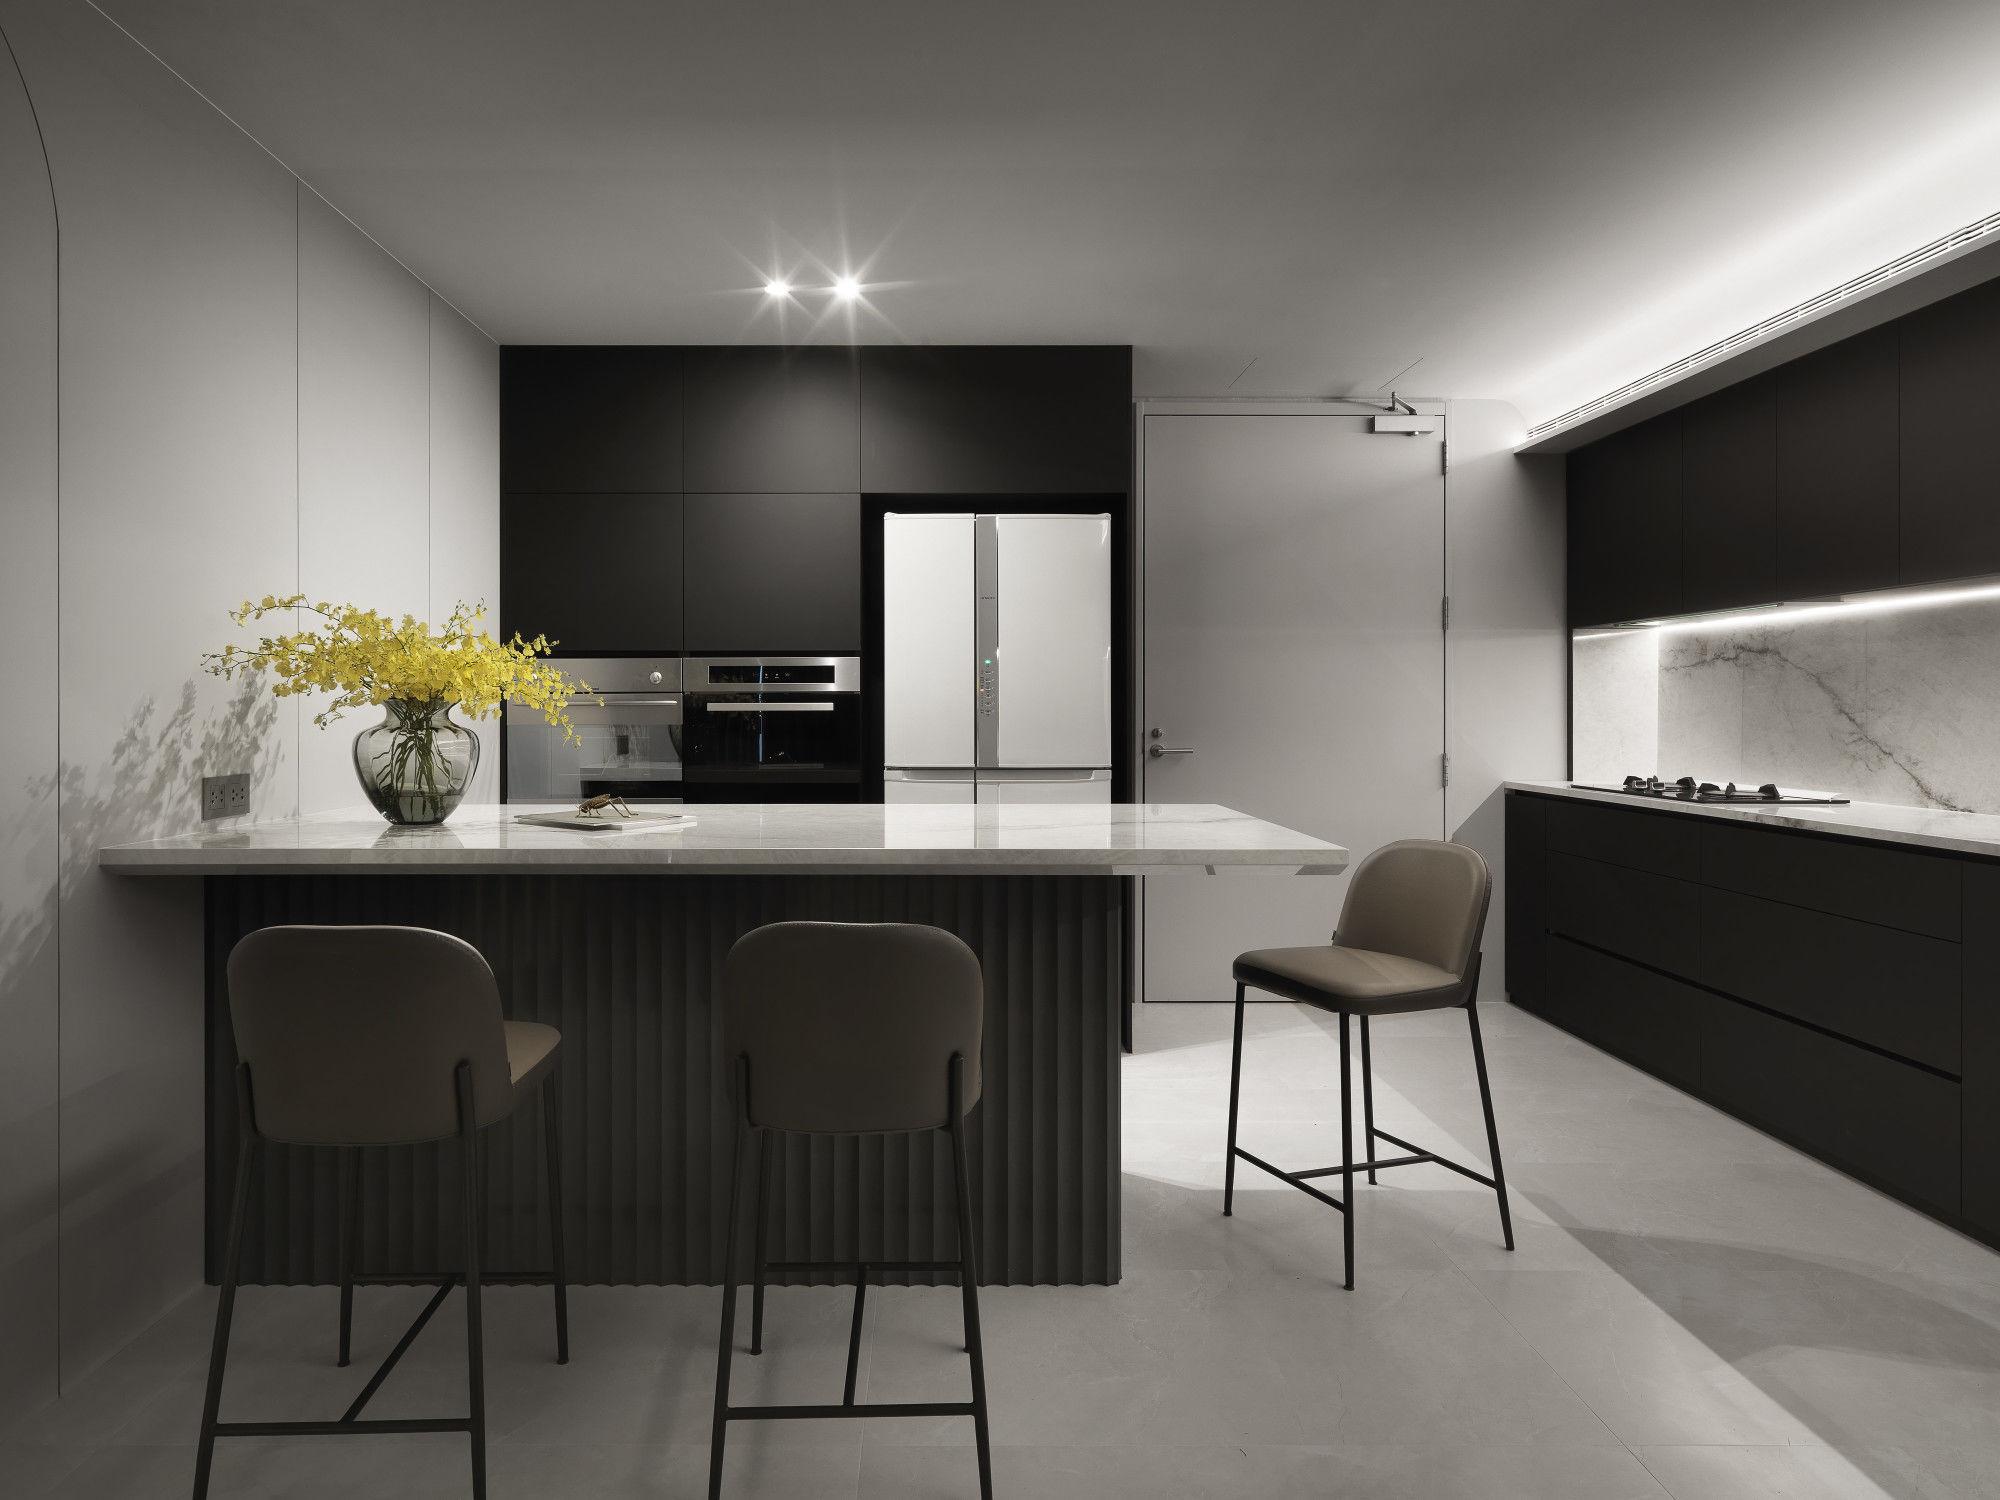 台中分子設計-現代風設計師-台中七期室內設計-電梯大樓整體規劃-一字型廚具、中島設計、輕食區